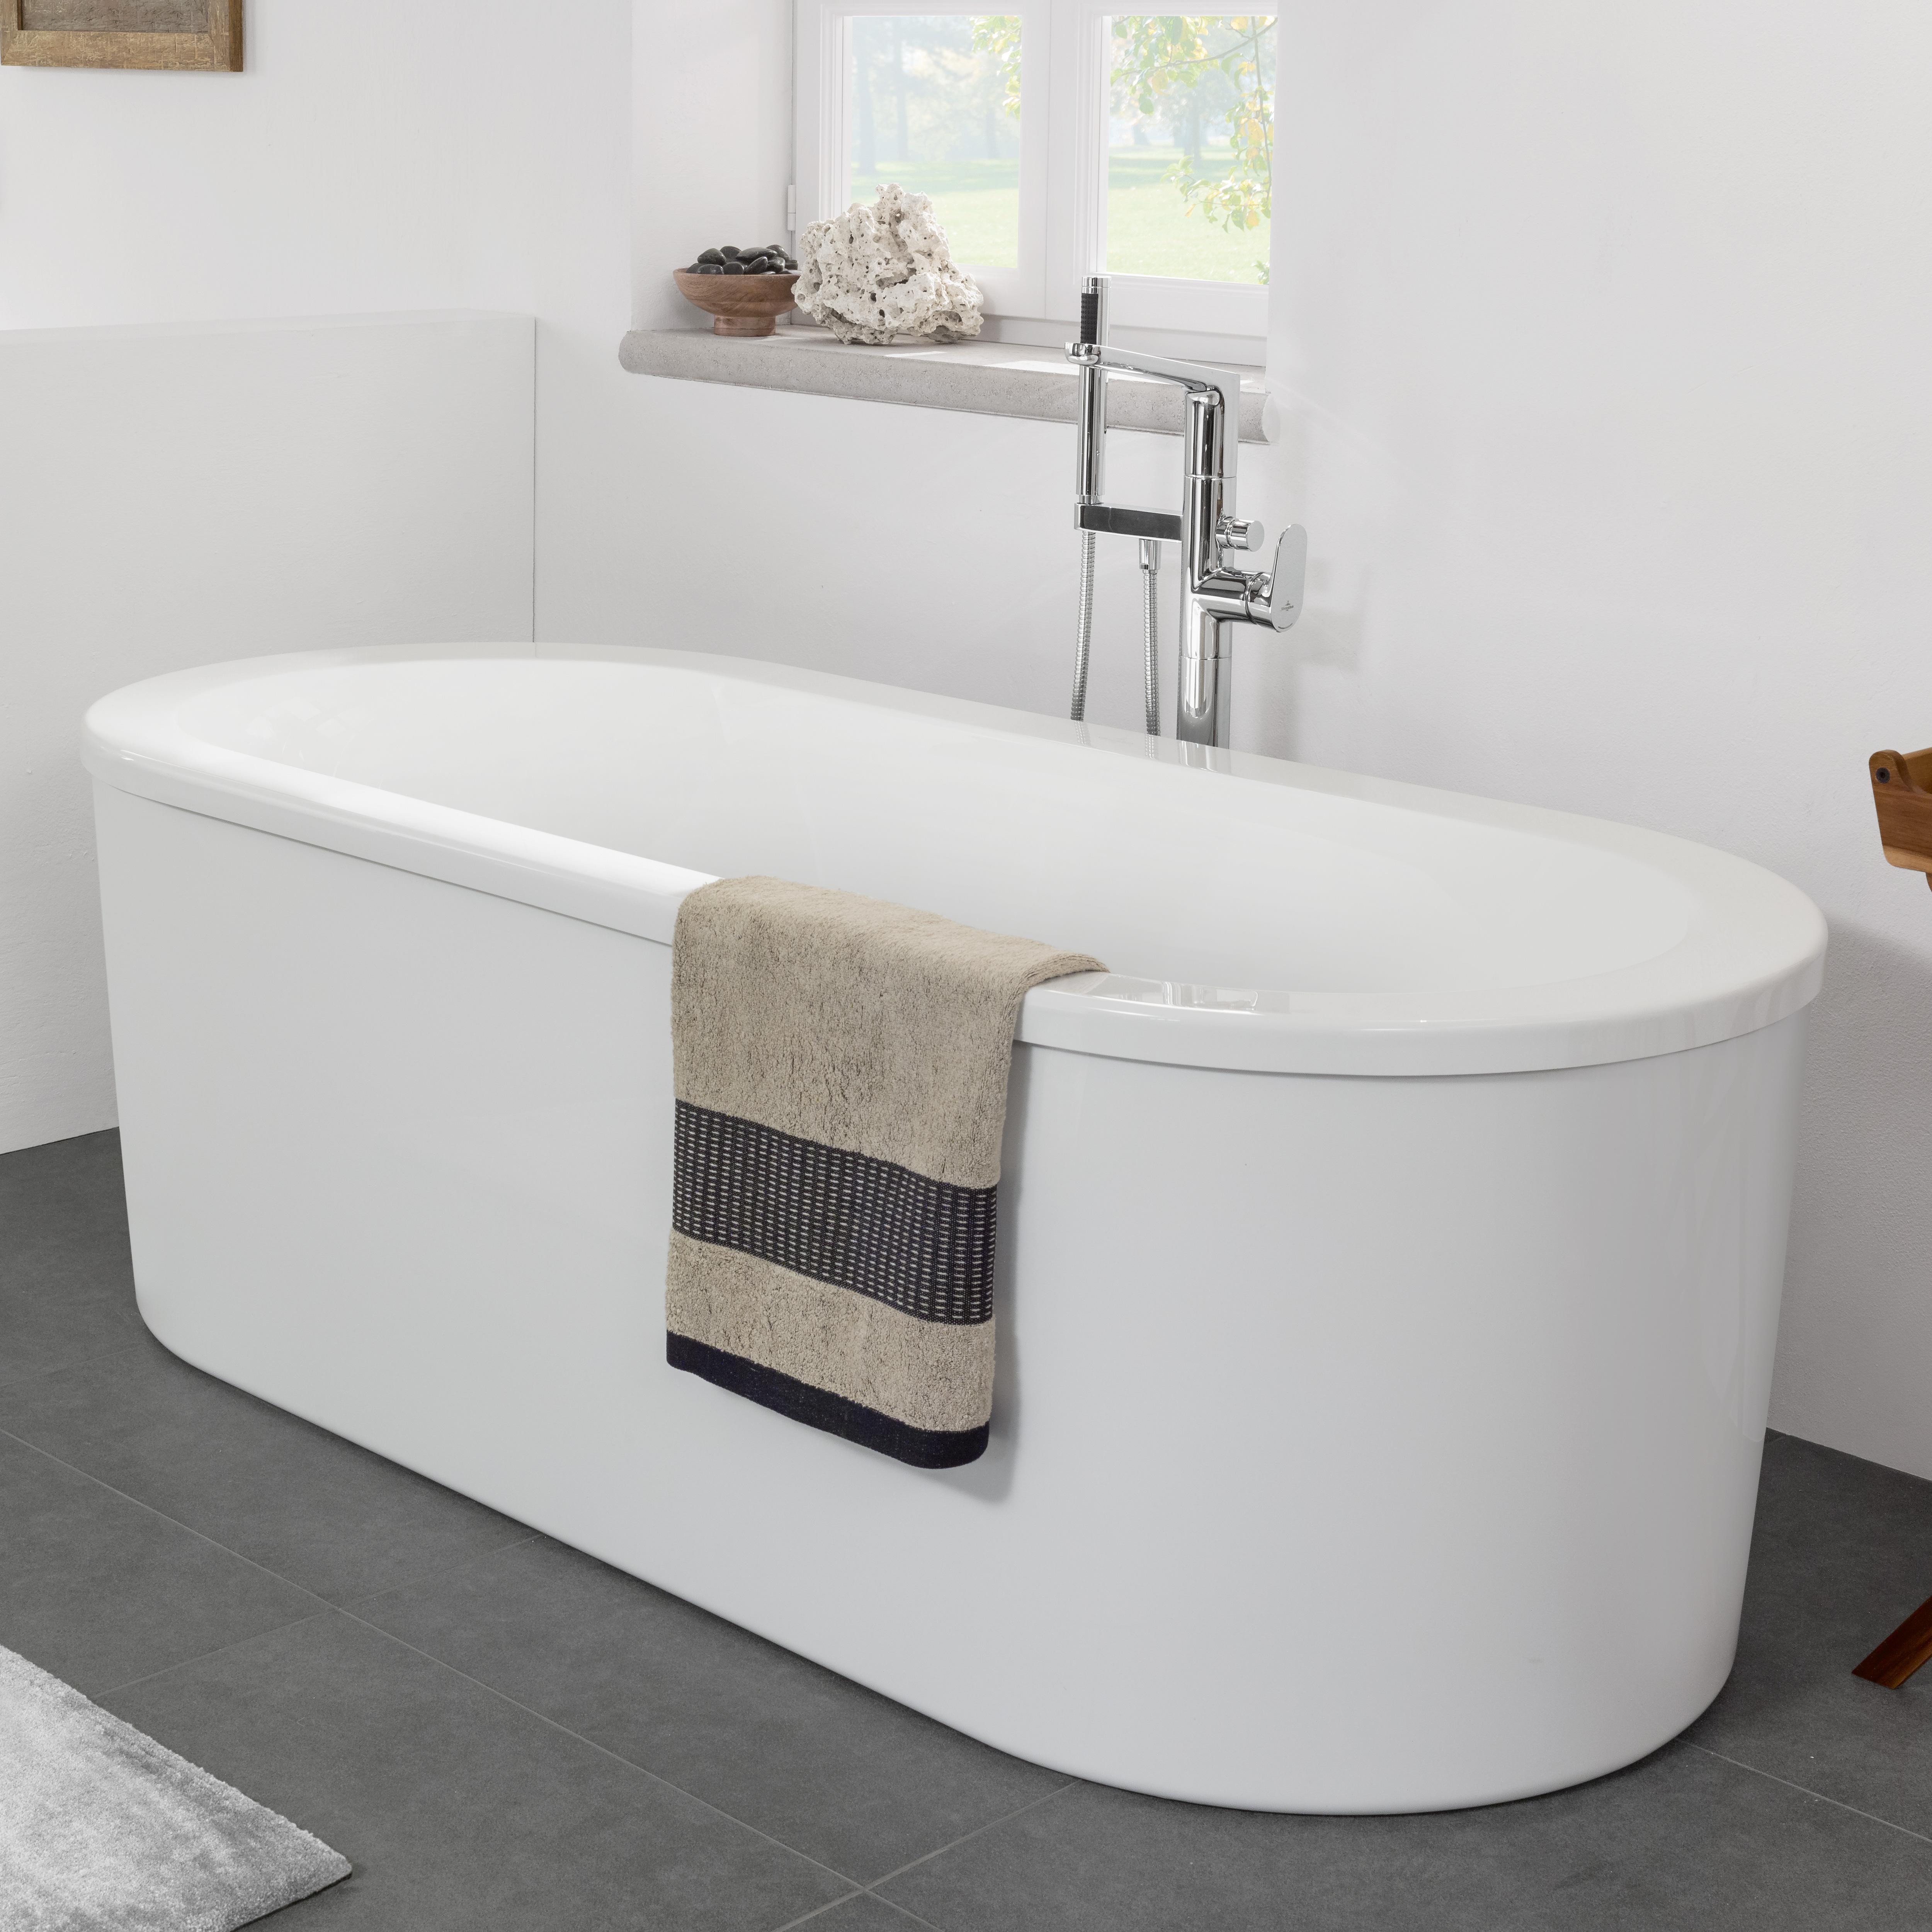 villeroy boch loop friends duo freistehende ovale badewanne wei uba180lfo7pdv 01. Black Bedroom Furniture Sets. Home Design Ideas